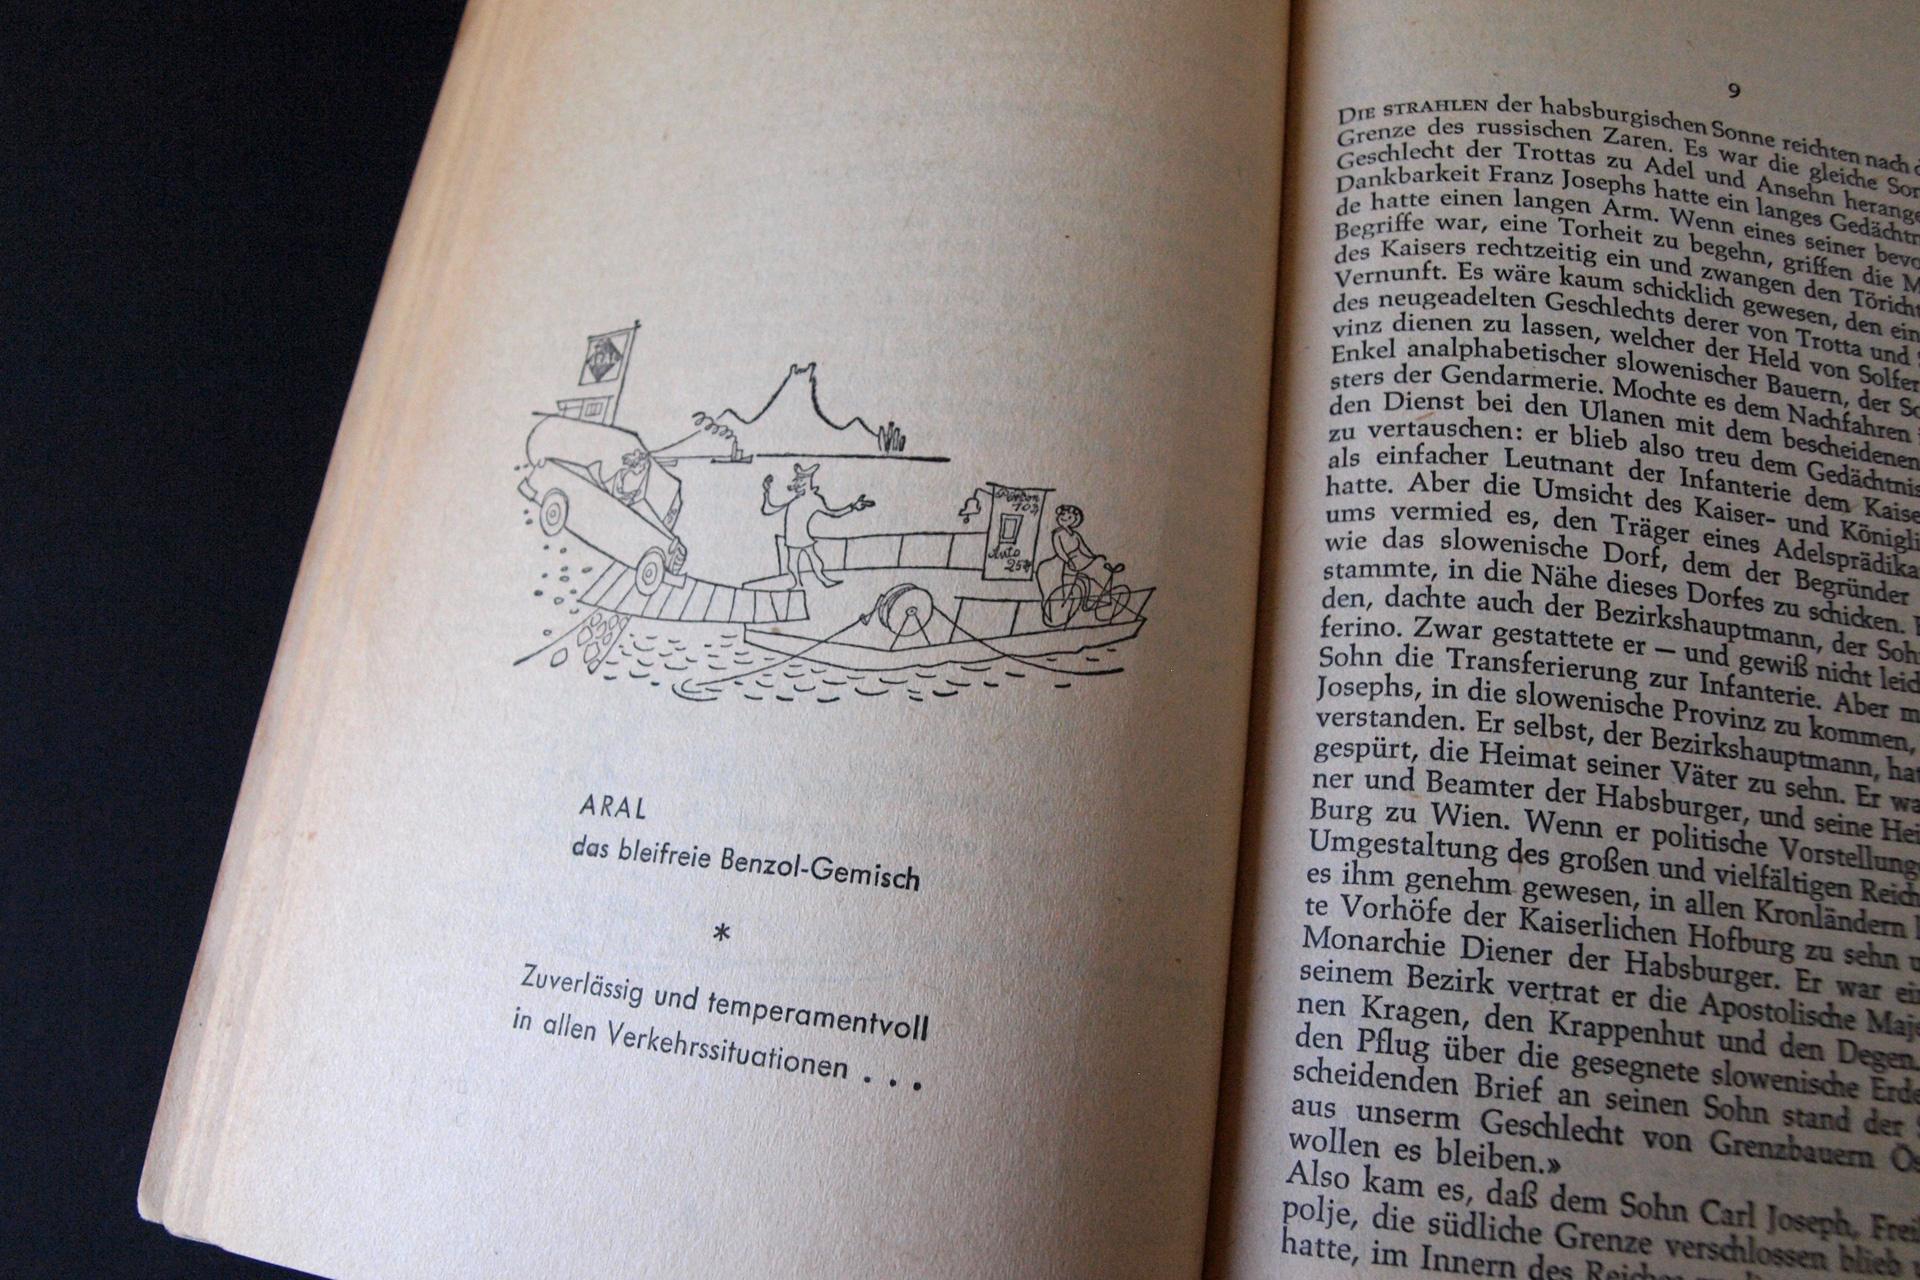 Anzeige in rororo-Taschenbuch